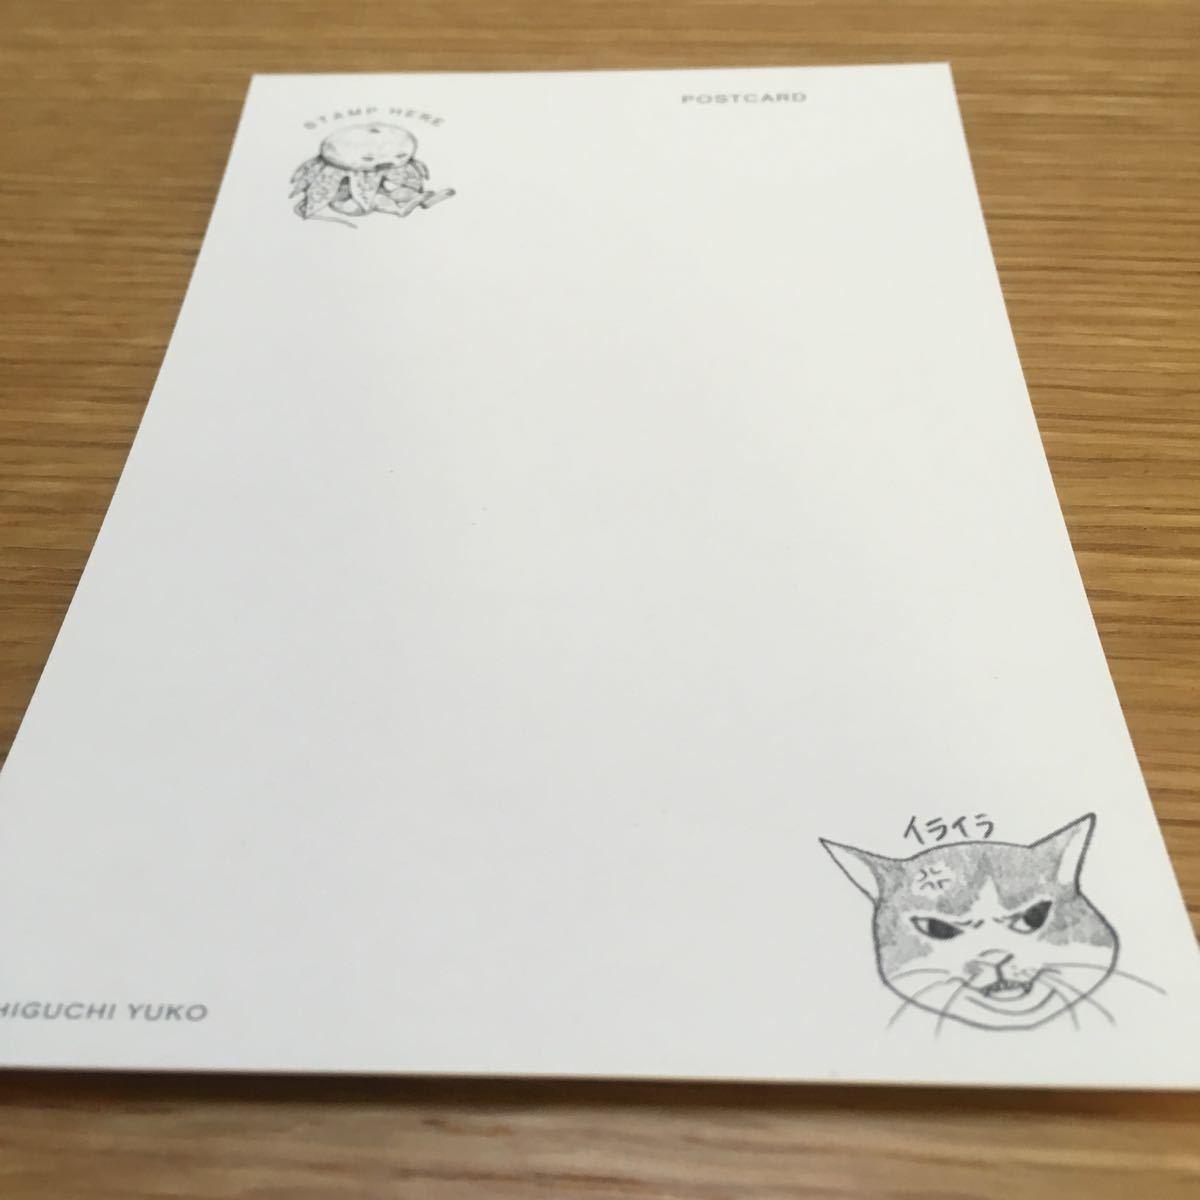 ヒグチユウコ ネコ ポストカード 葉書 ハガキ はがき メッセージカード 猫 ねこ 動物 ピンク 75_画像2